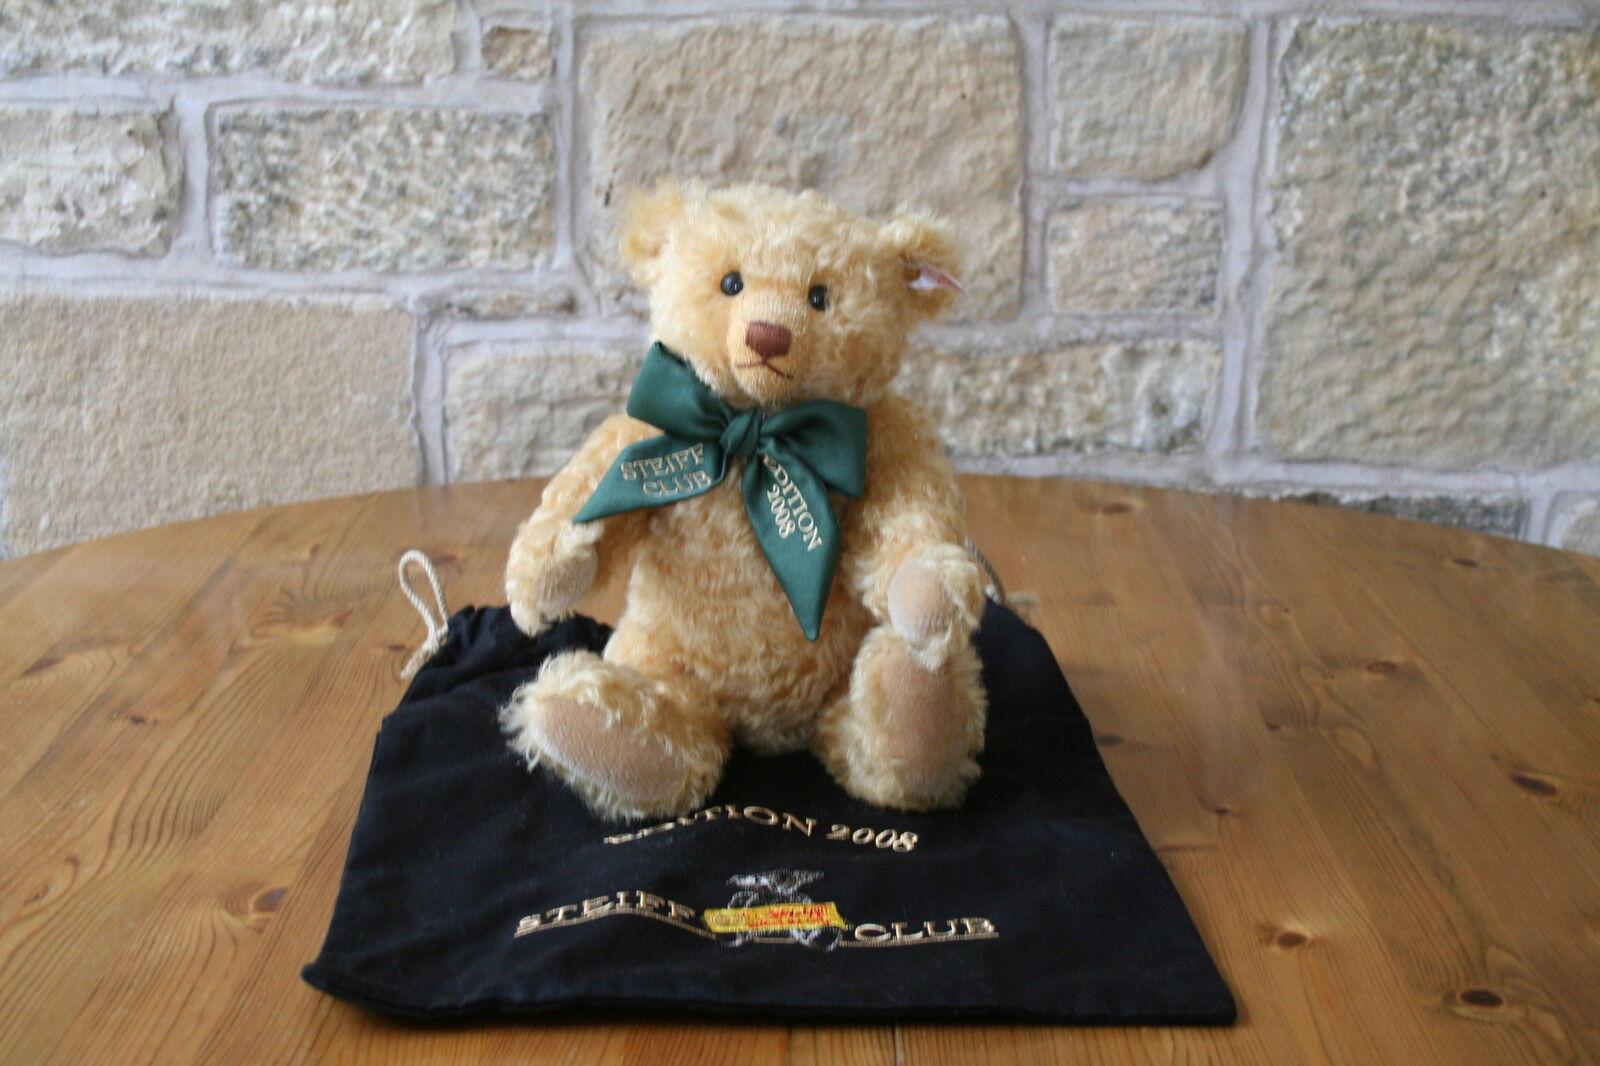 Steiff Club annuale EDIZIONE 2008 Teddy Bear